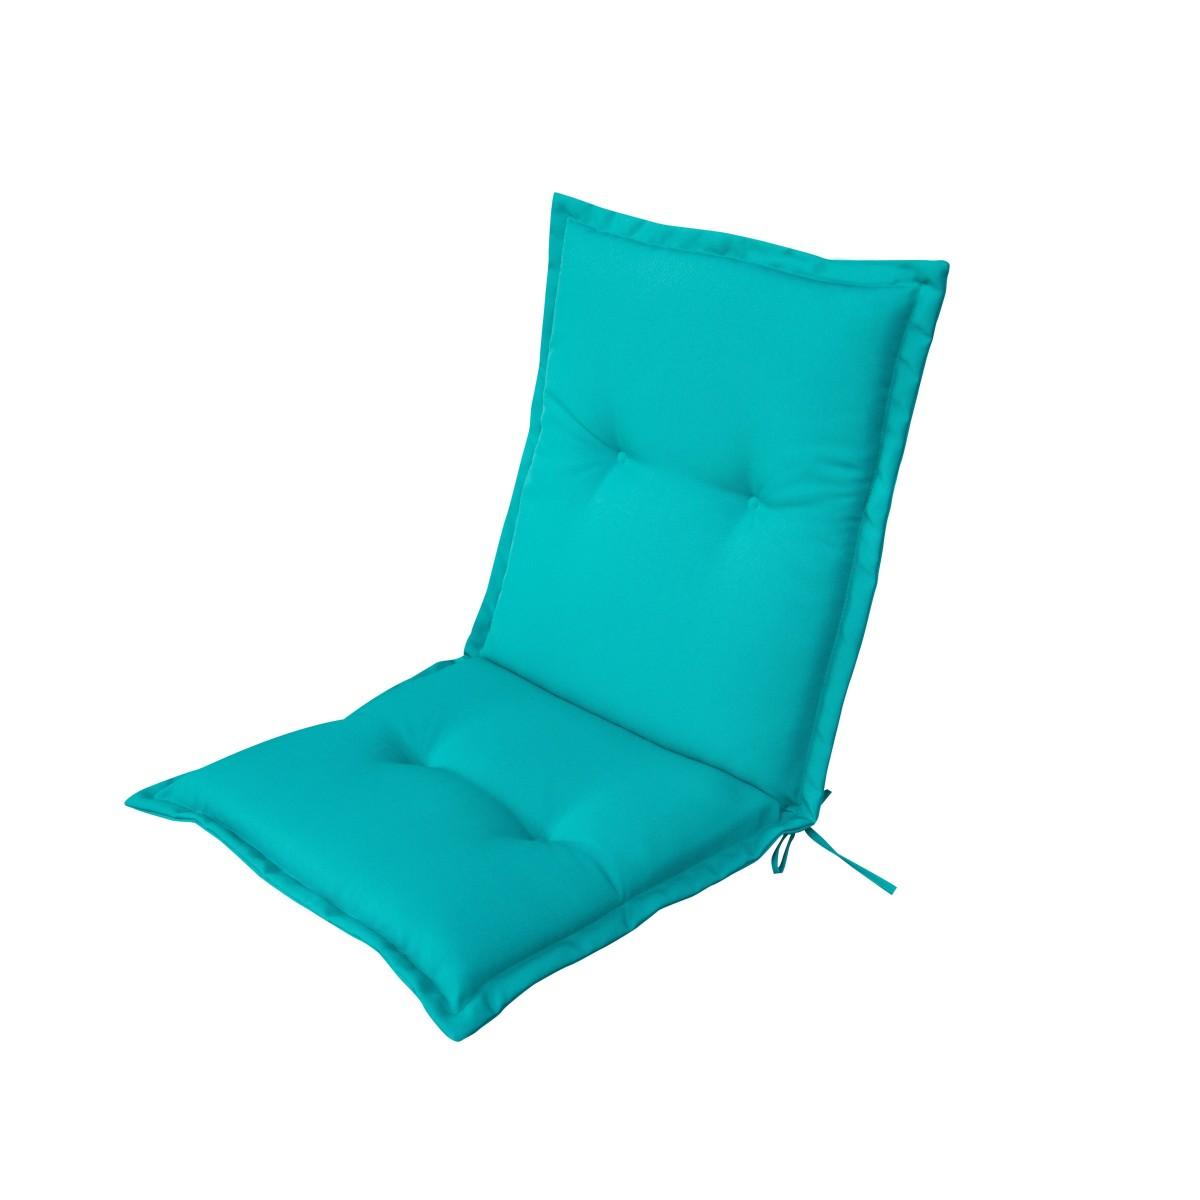 Подушка для стула голубая 92х42х5 см полиэстер